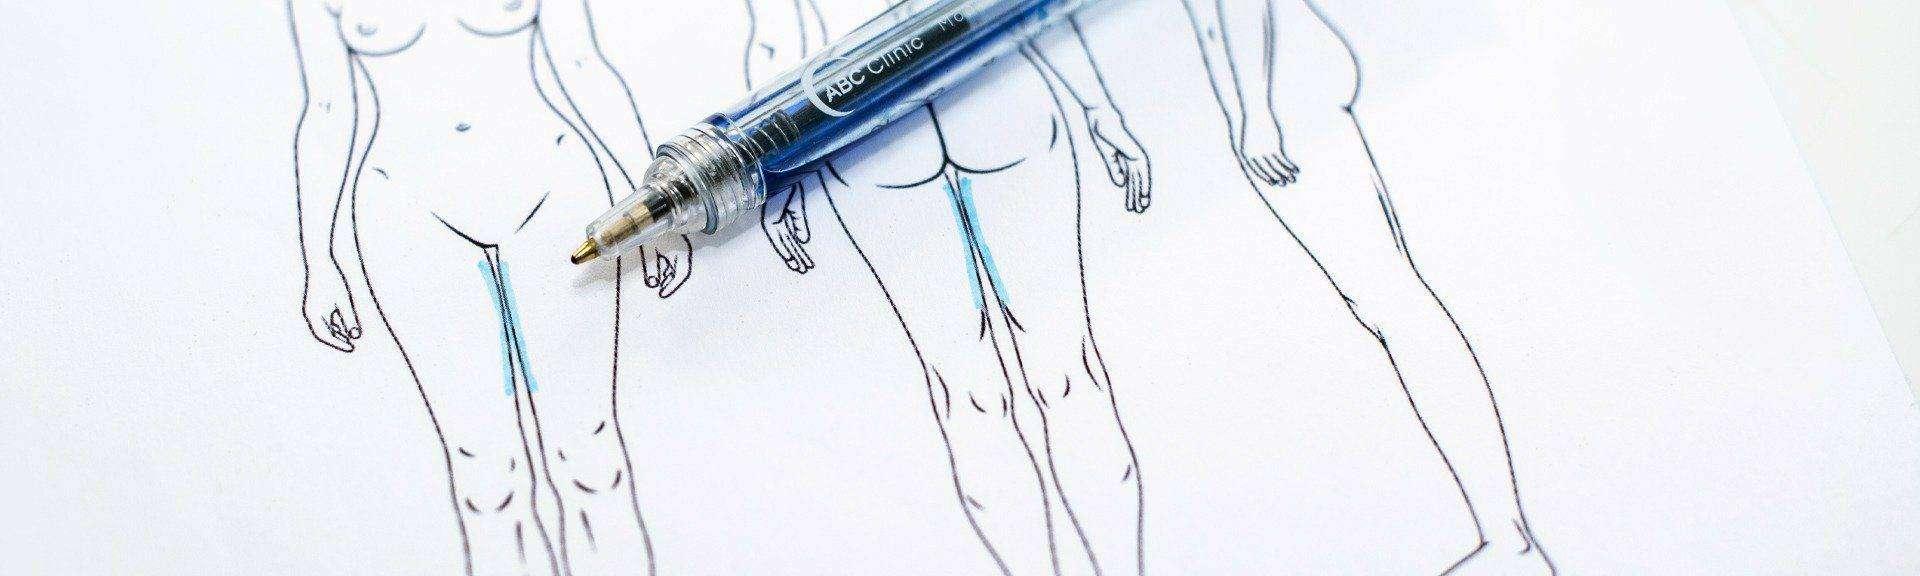 Behandelingen - liposuctie - binnenkant benen